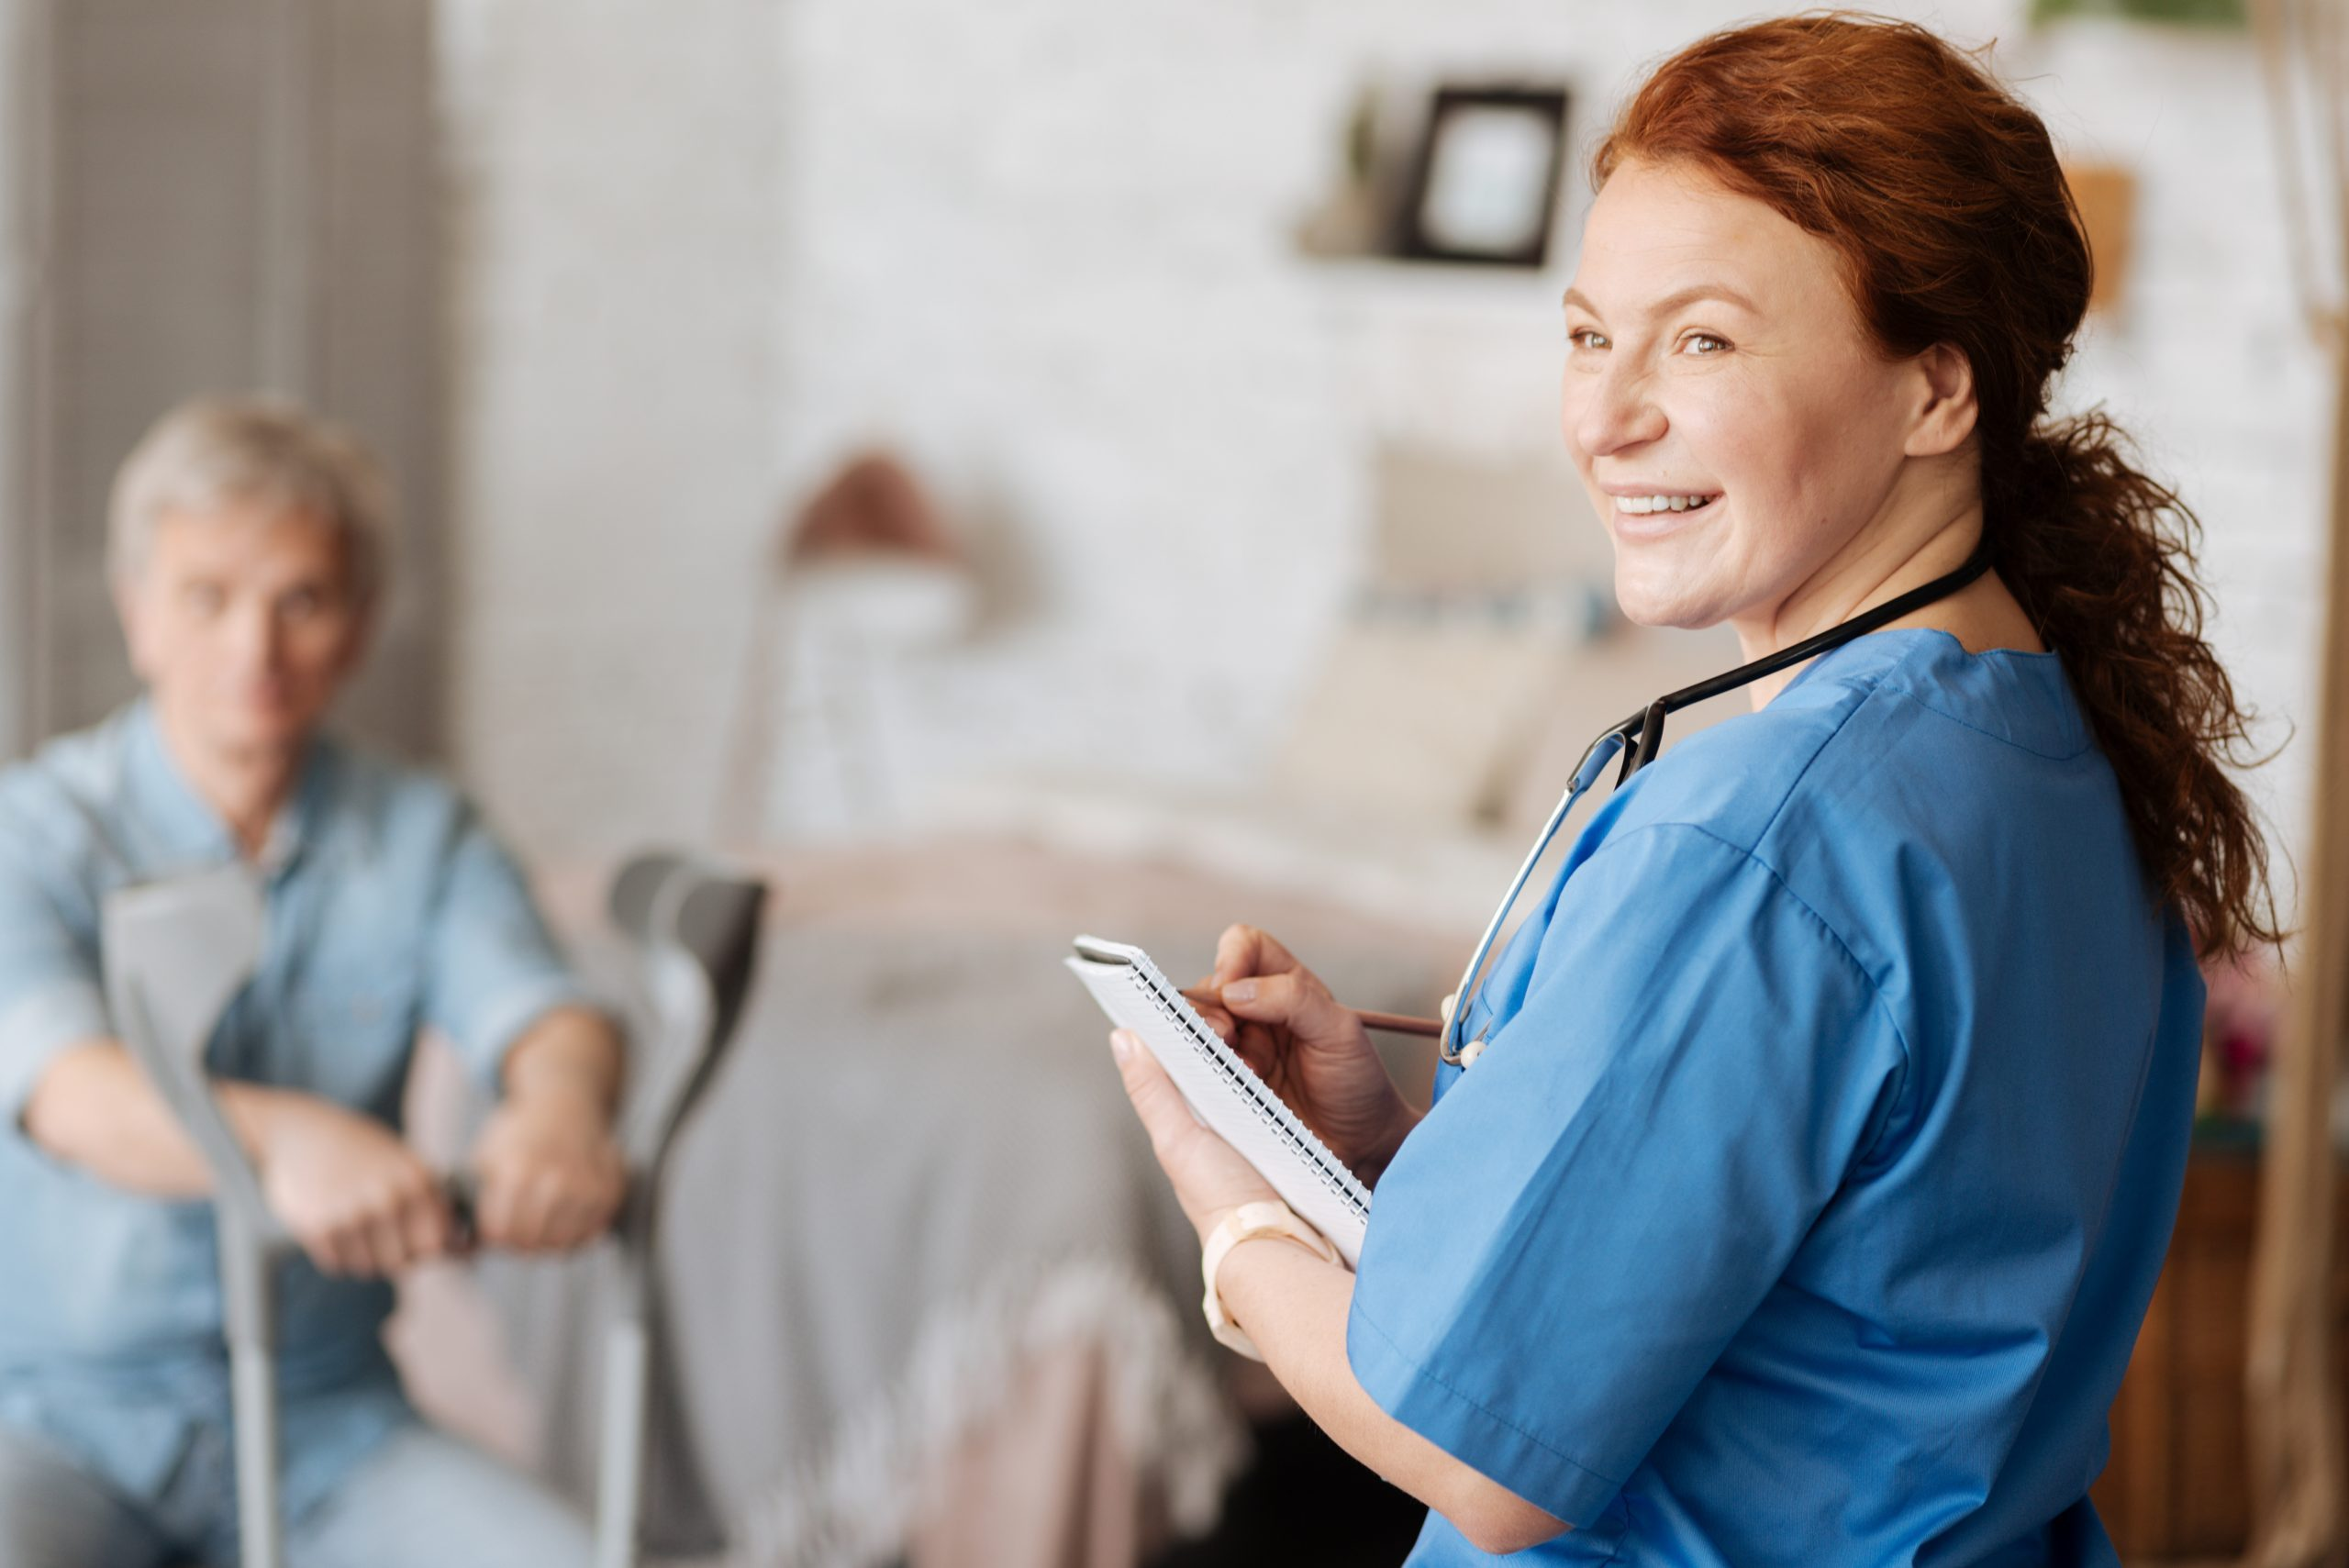 Gesund in der Pflege scaled